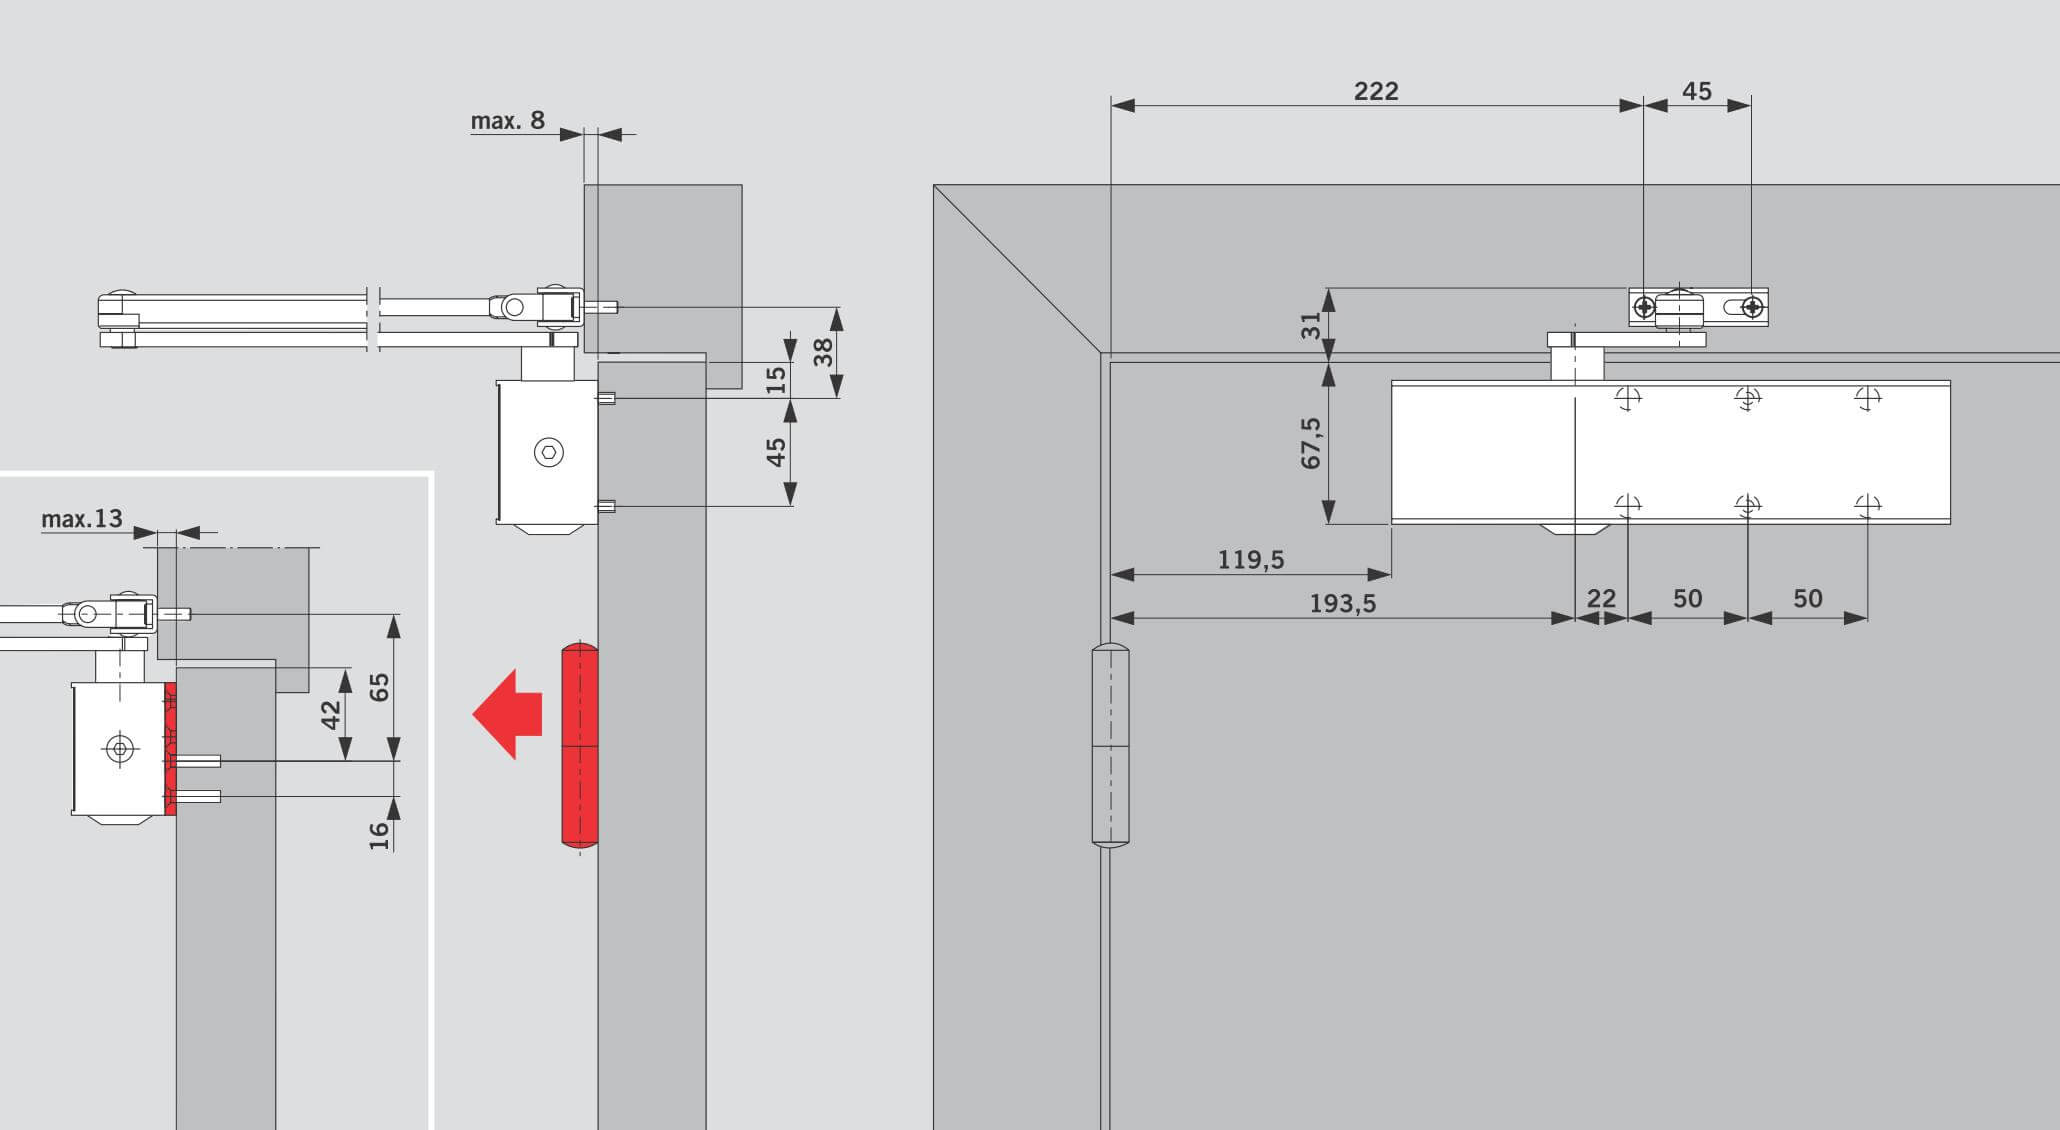 Монтаж на дверном полотне со стороны петель для DORMA TS 73V